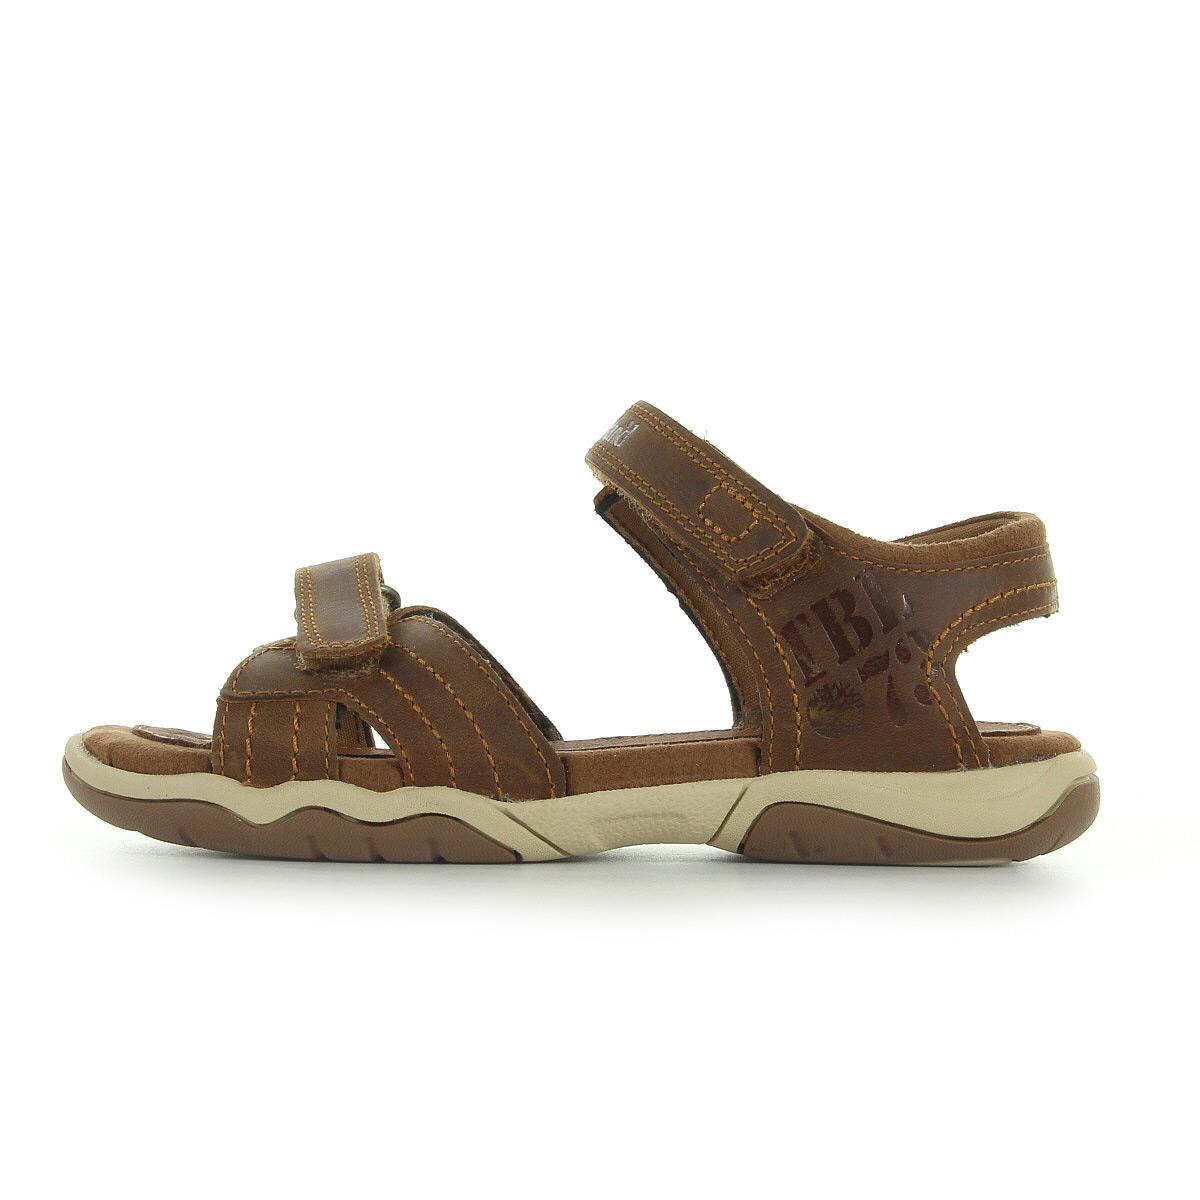 sandales nu pieds timberland gar on oakblffsekl taille marron cuir scratchs ebay. Black Bedroom Furniture Sets. Home Design Ideas